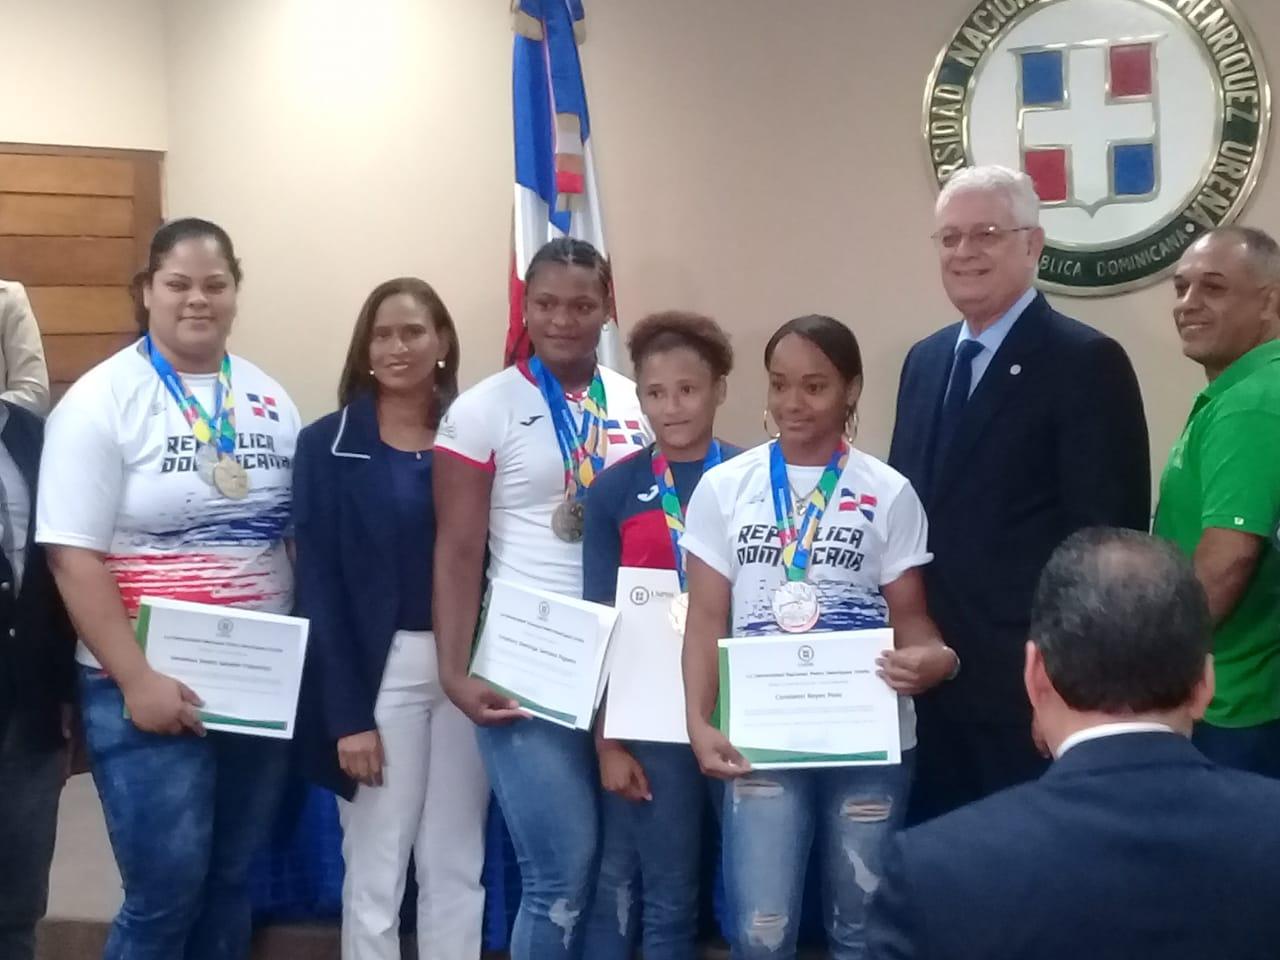 Entregan reconocimientos a atletas que jugaron en Barranquilla